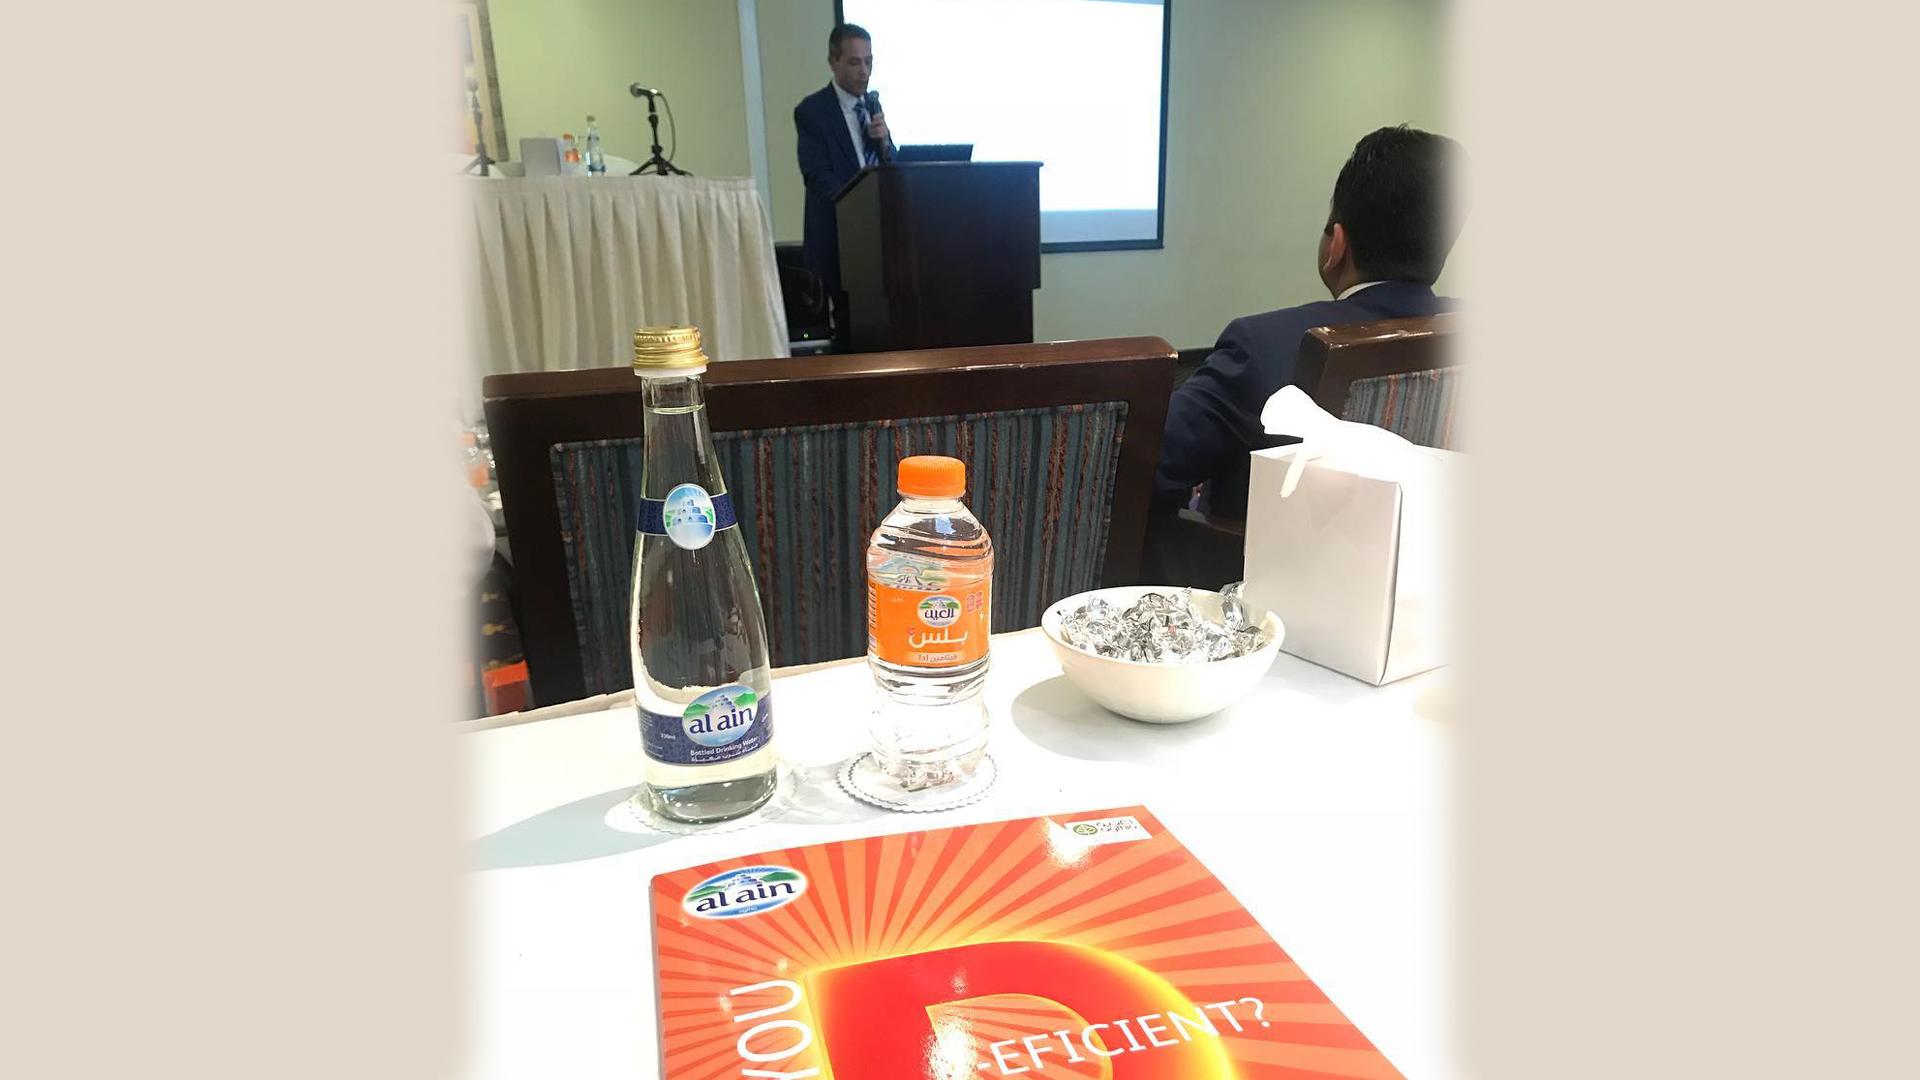 Scientific seminar on Vitamin D Deficiency